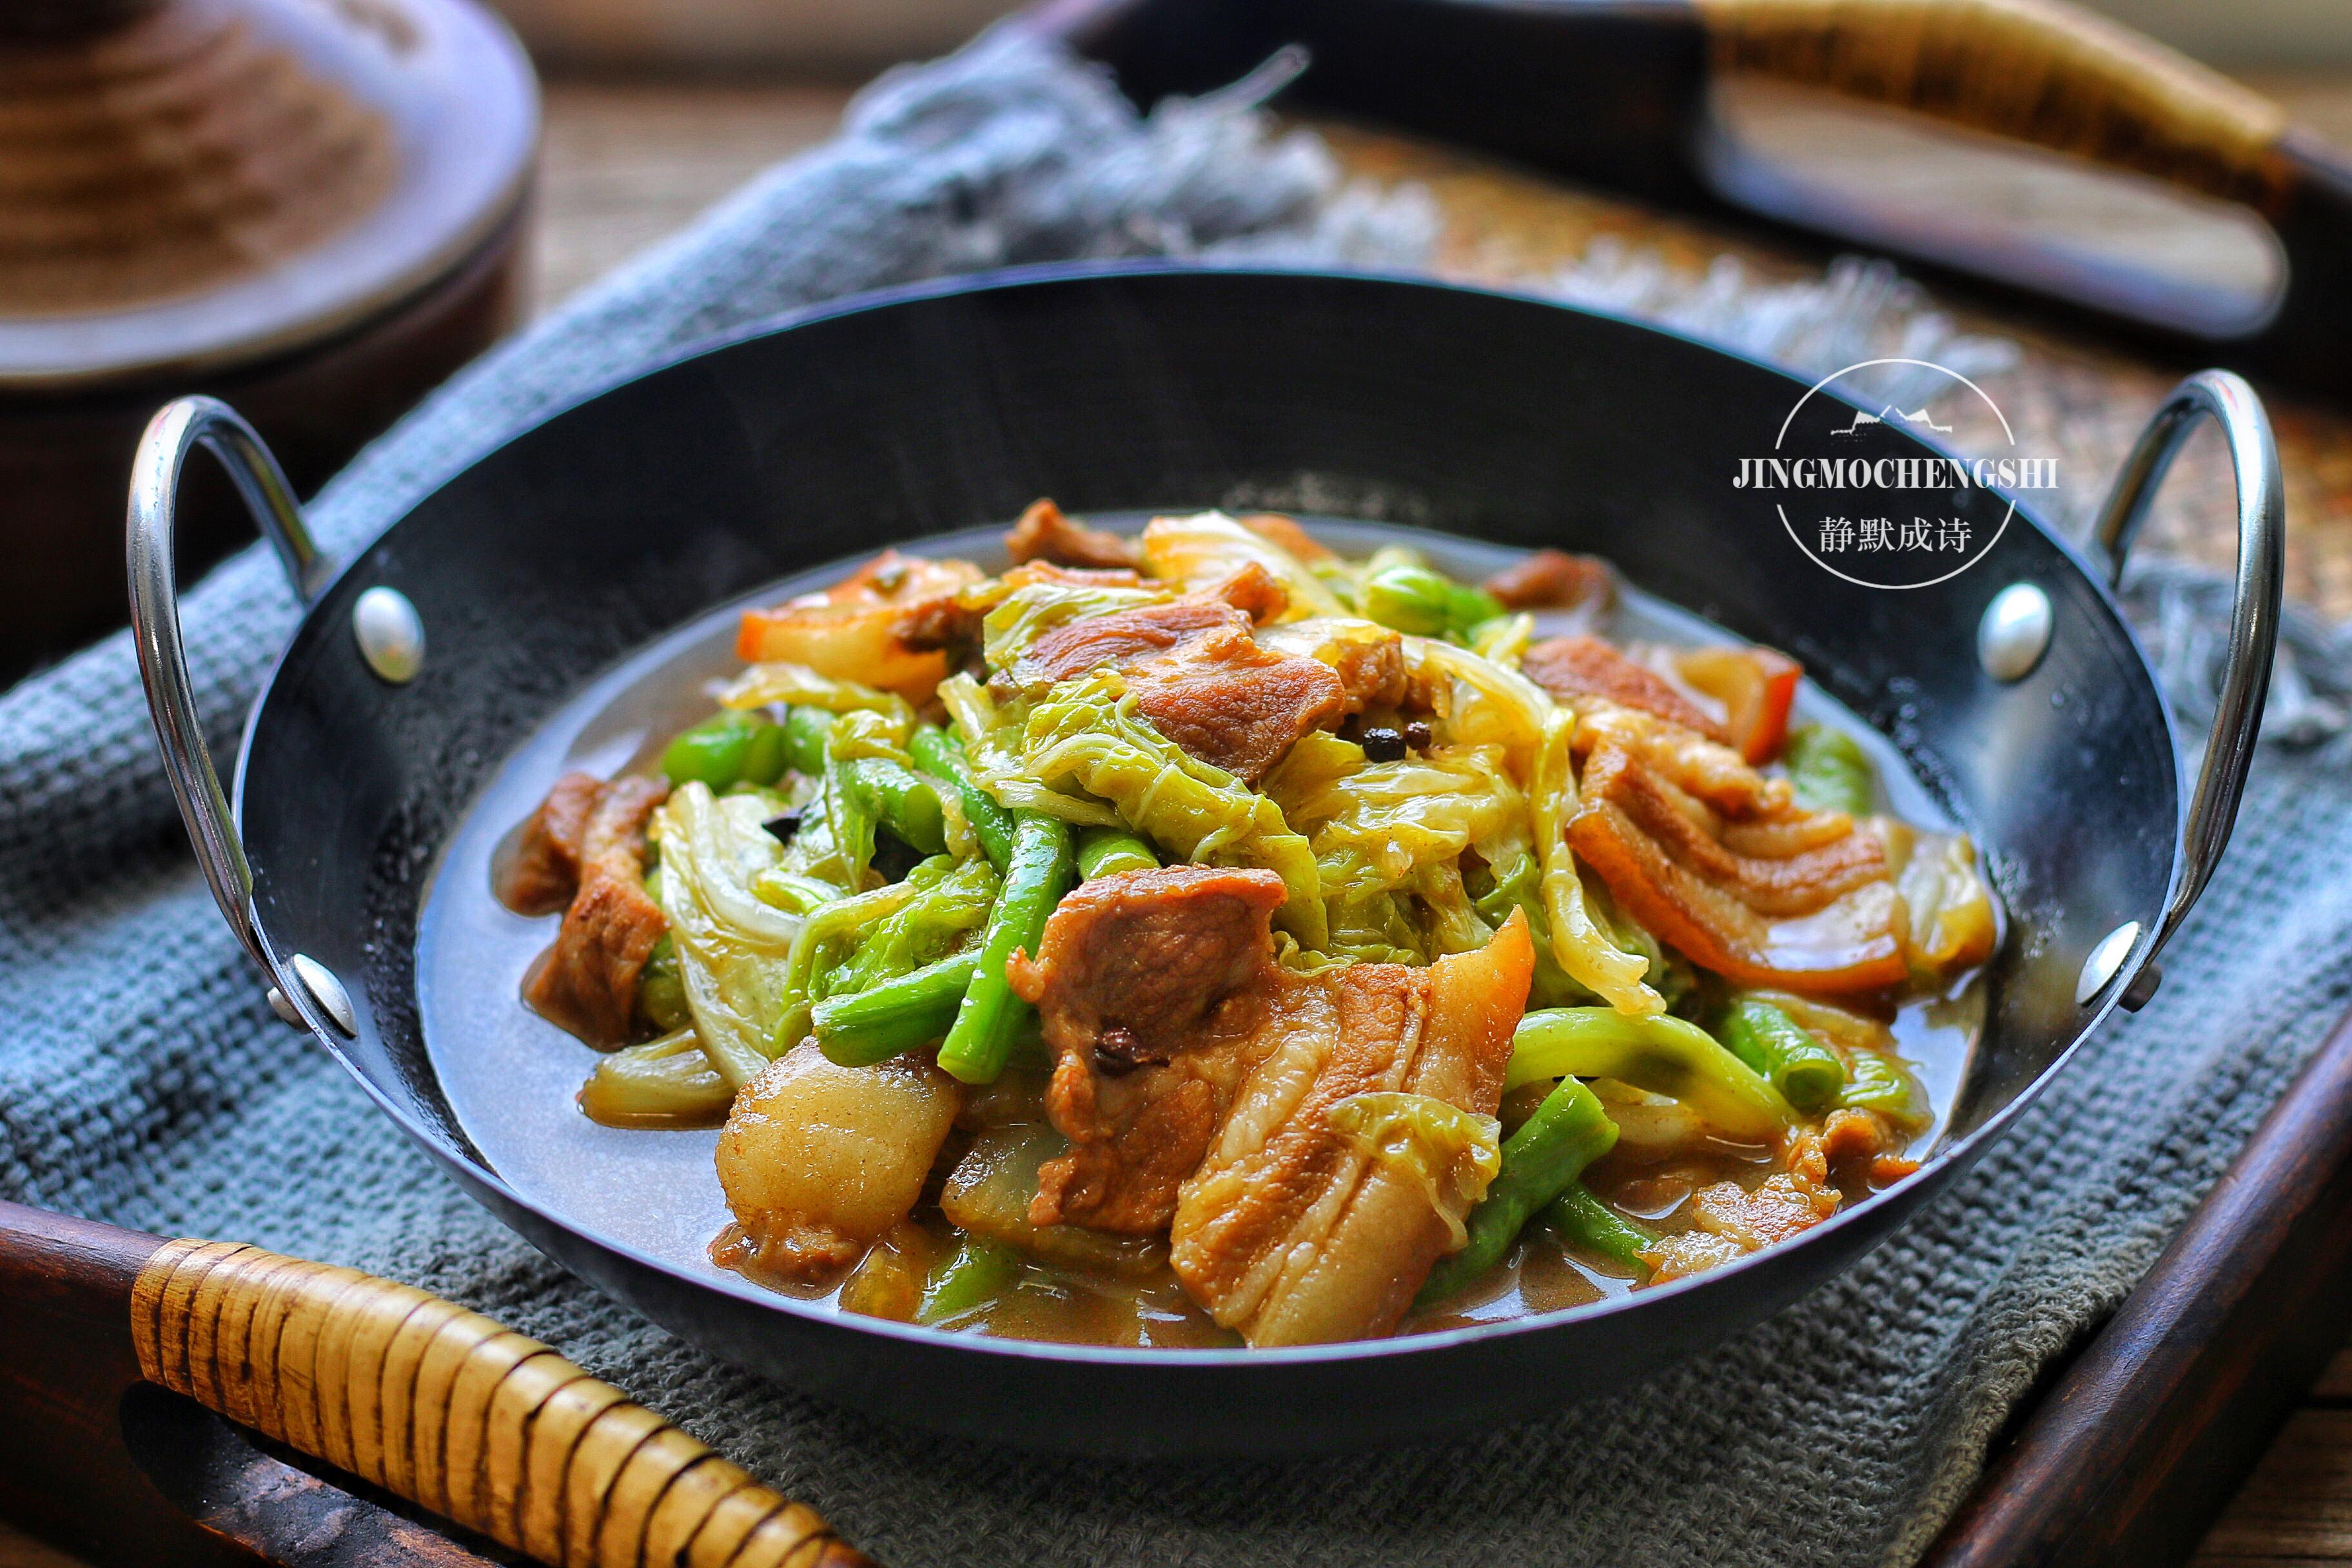 百菜不如白菜,熱熱乎乎地燉一鍋,連湯都拌飯吃個精光